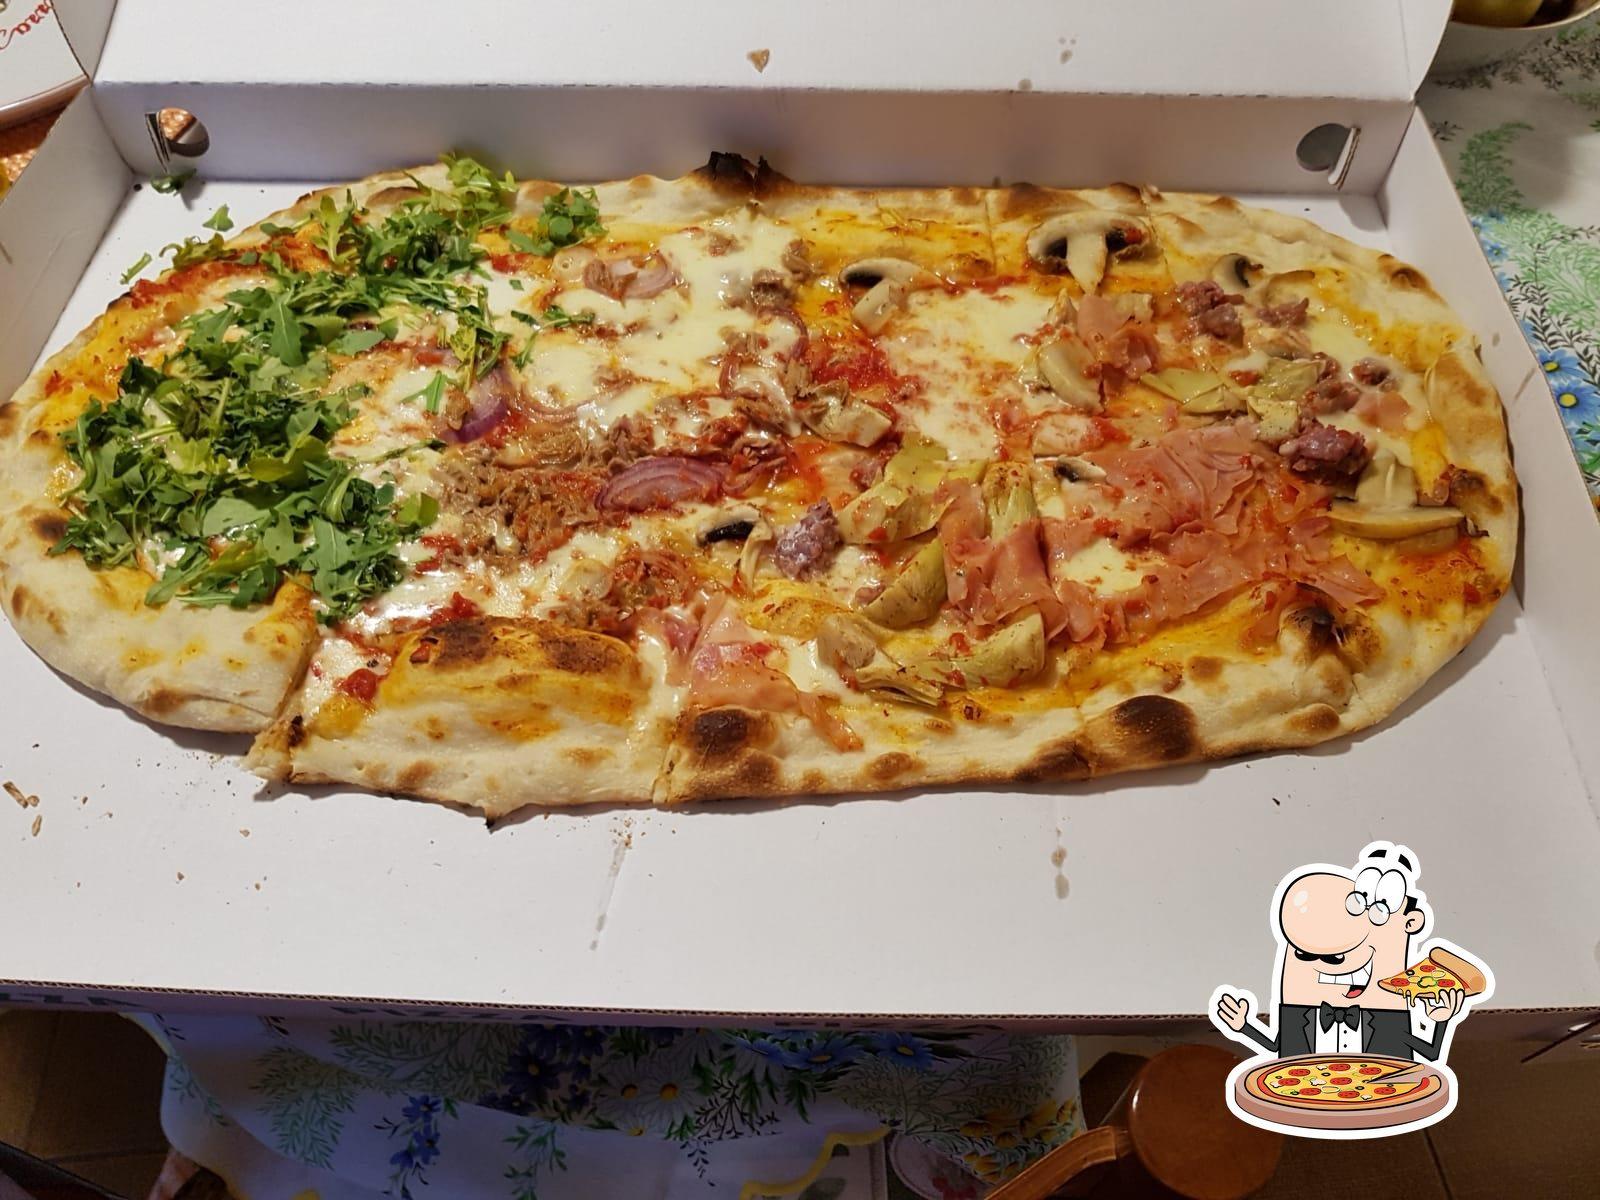 Pizza E Cucina Ristorante Ozzano Taro Recensioni Del Ristorante